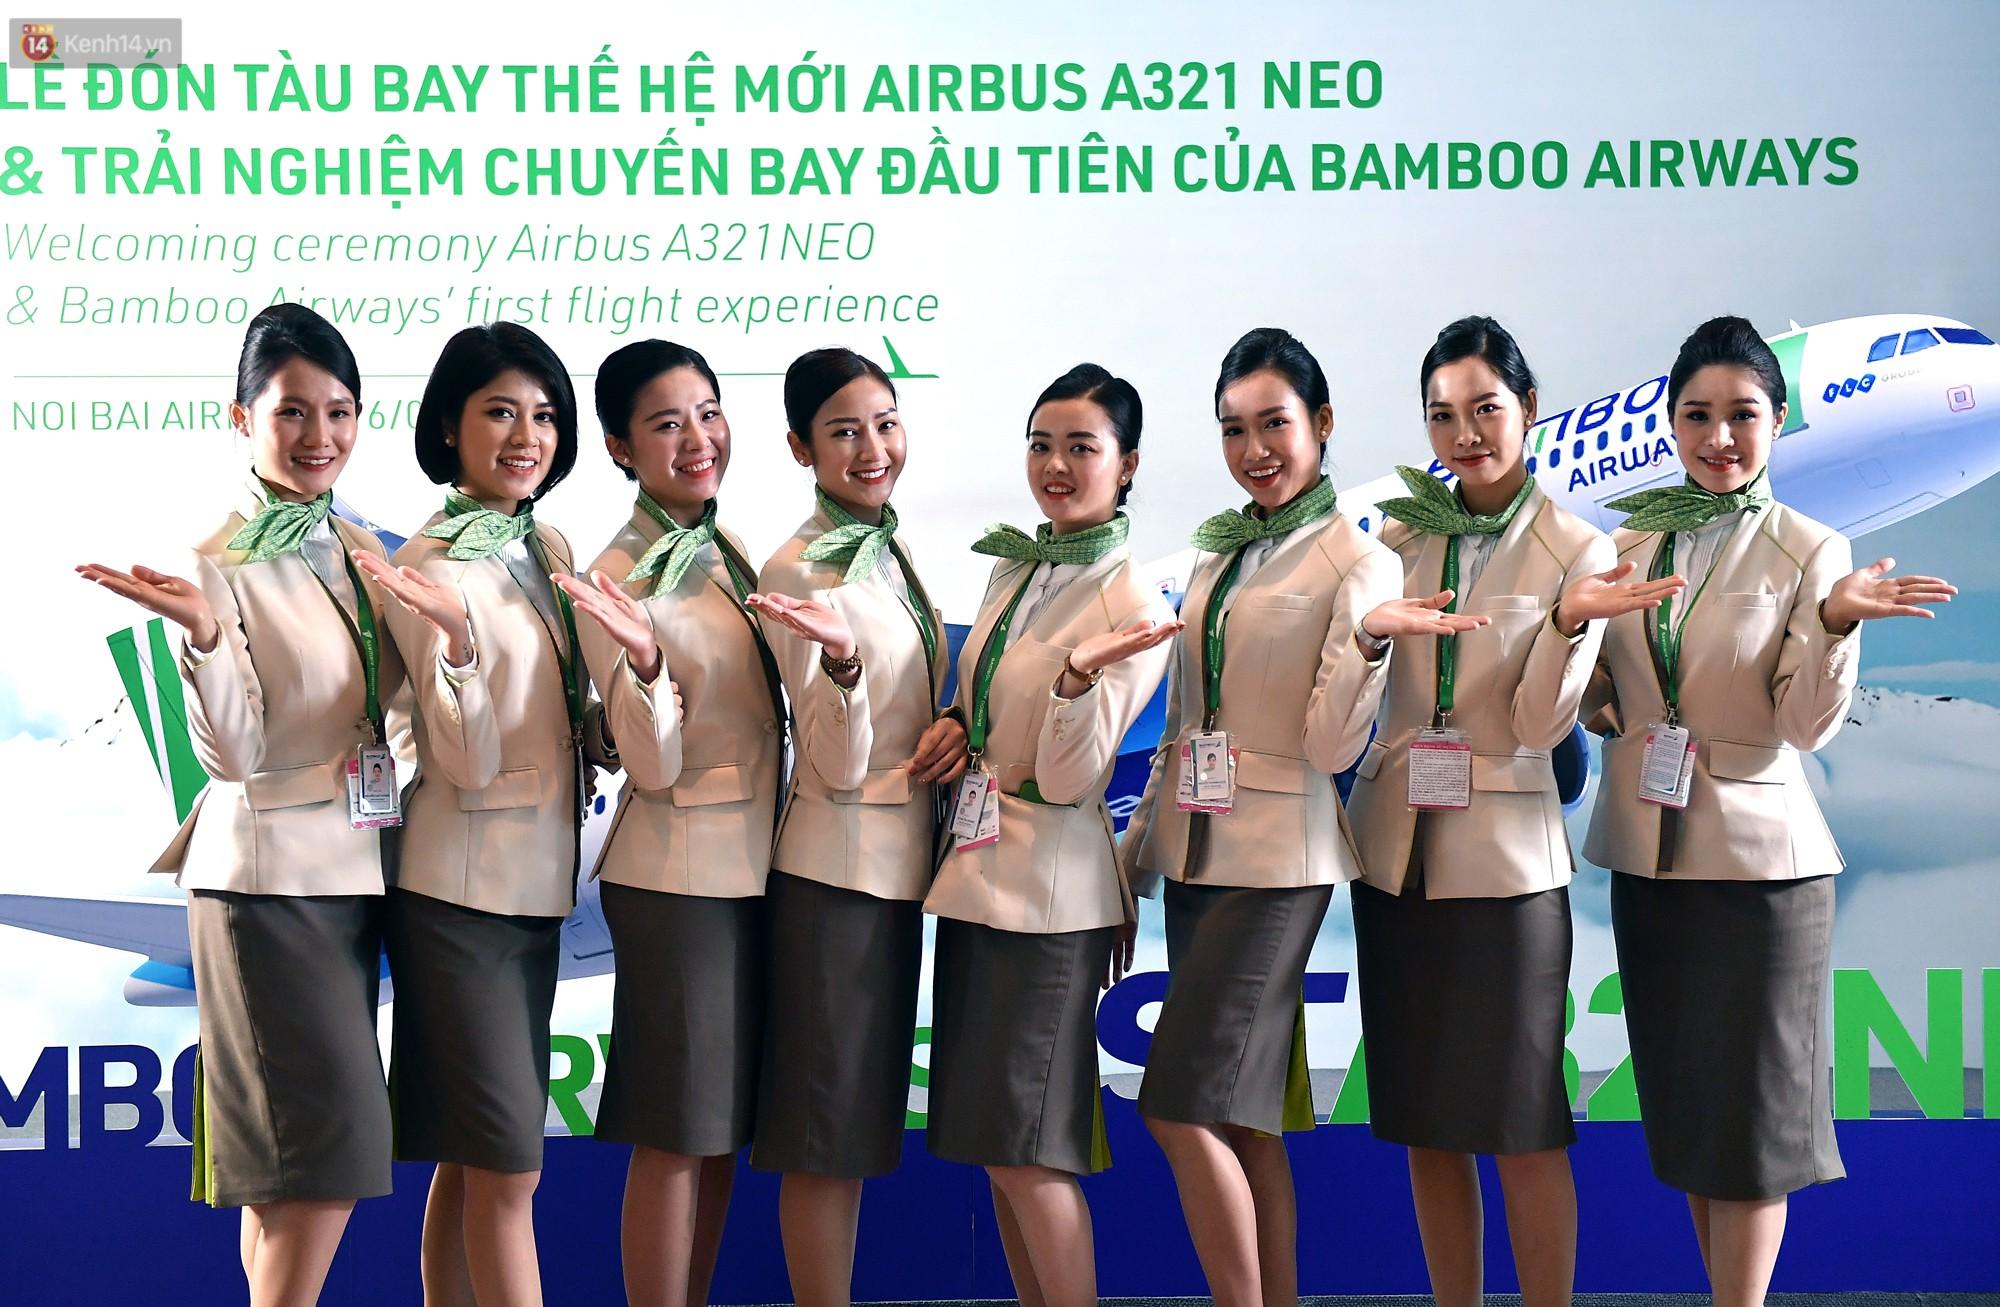 Phải công nhận, đồng phục của tiếp viên Bamboo Airways không chỉ lịch sự mà còn rất đẹp và trendy - Ảnh 3.